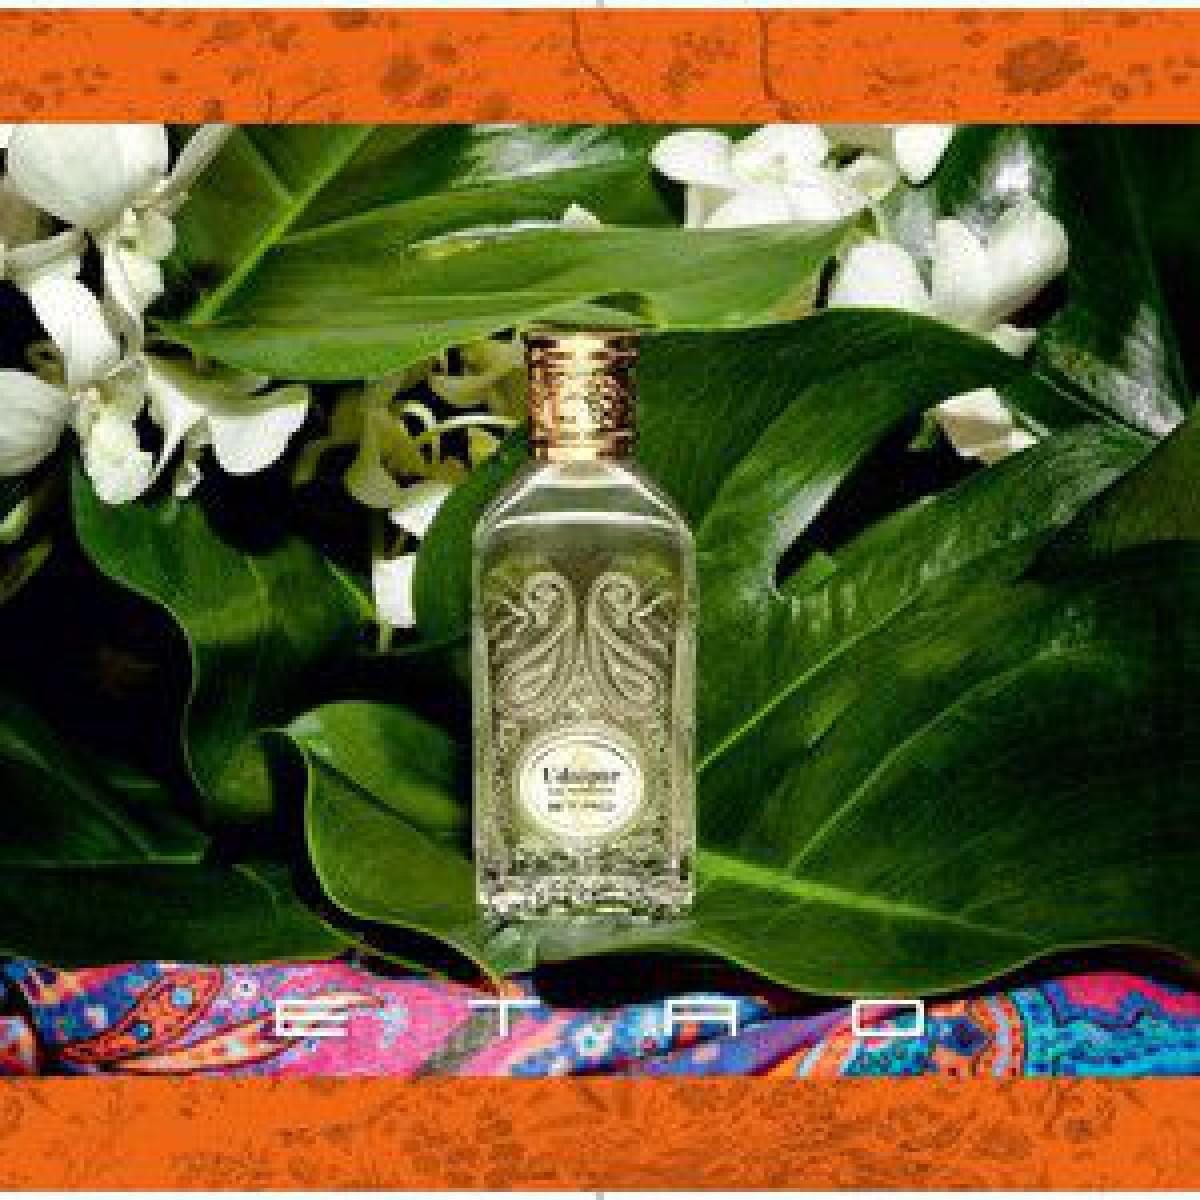 エトロが新作フレグランス「ウダイプール」発売、フローラル オリエンタル調の香り